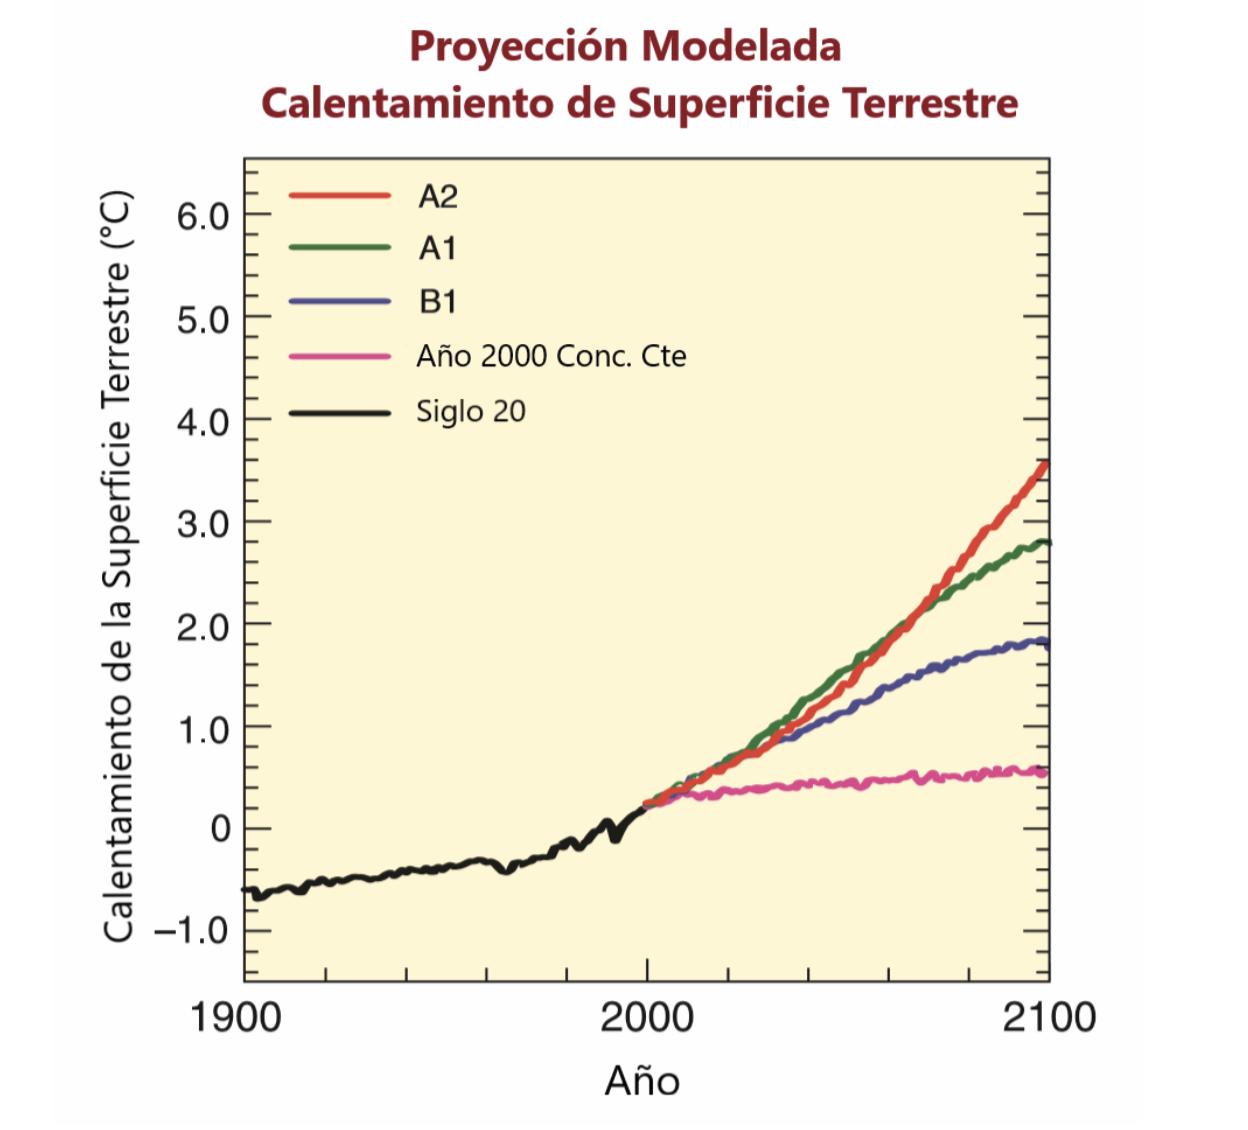 Aquaknowledge - proyeccion calentamiento global